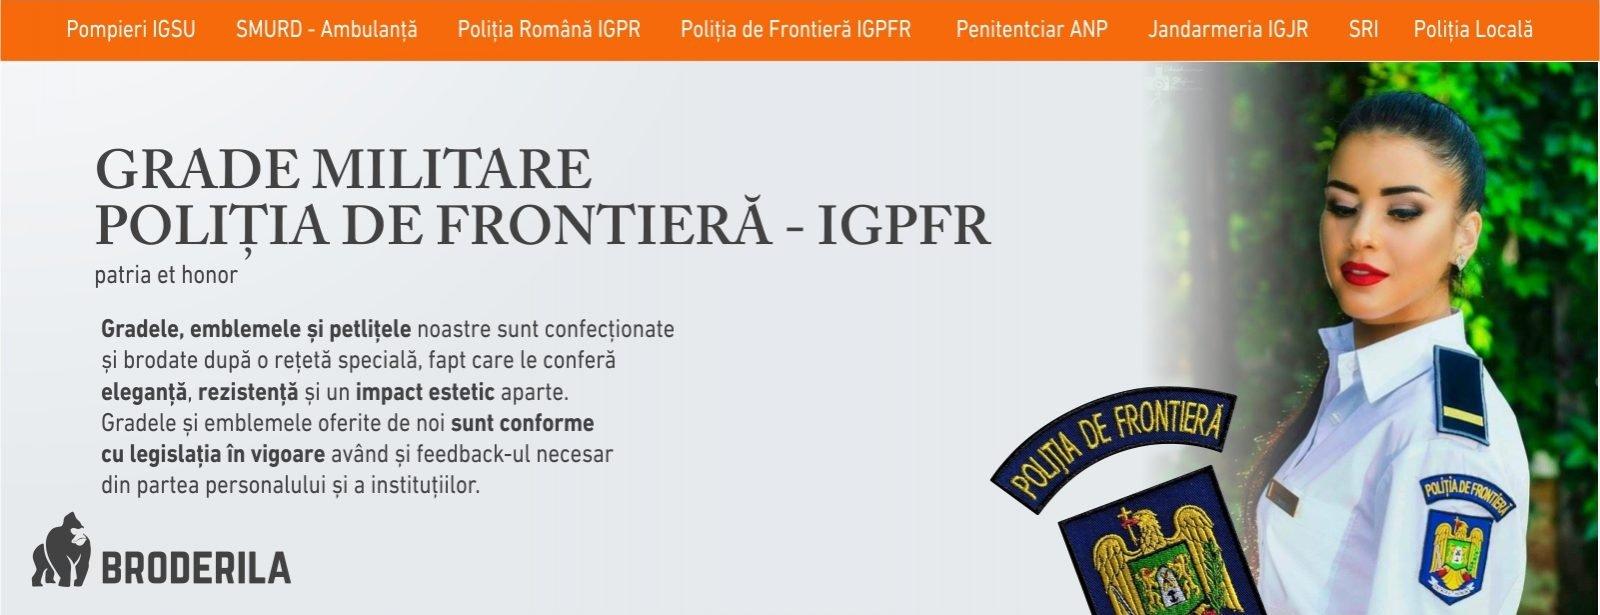 grade militare politia de frontiera igpfr emblema politia de frontiera igpfr grade brodate politia de frontiera